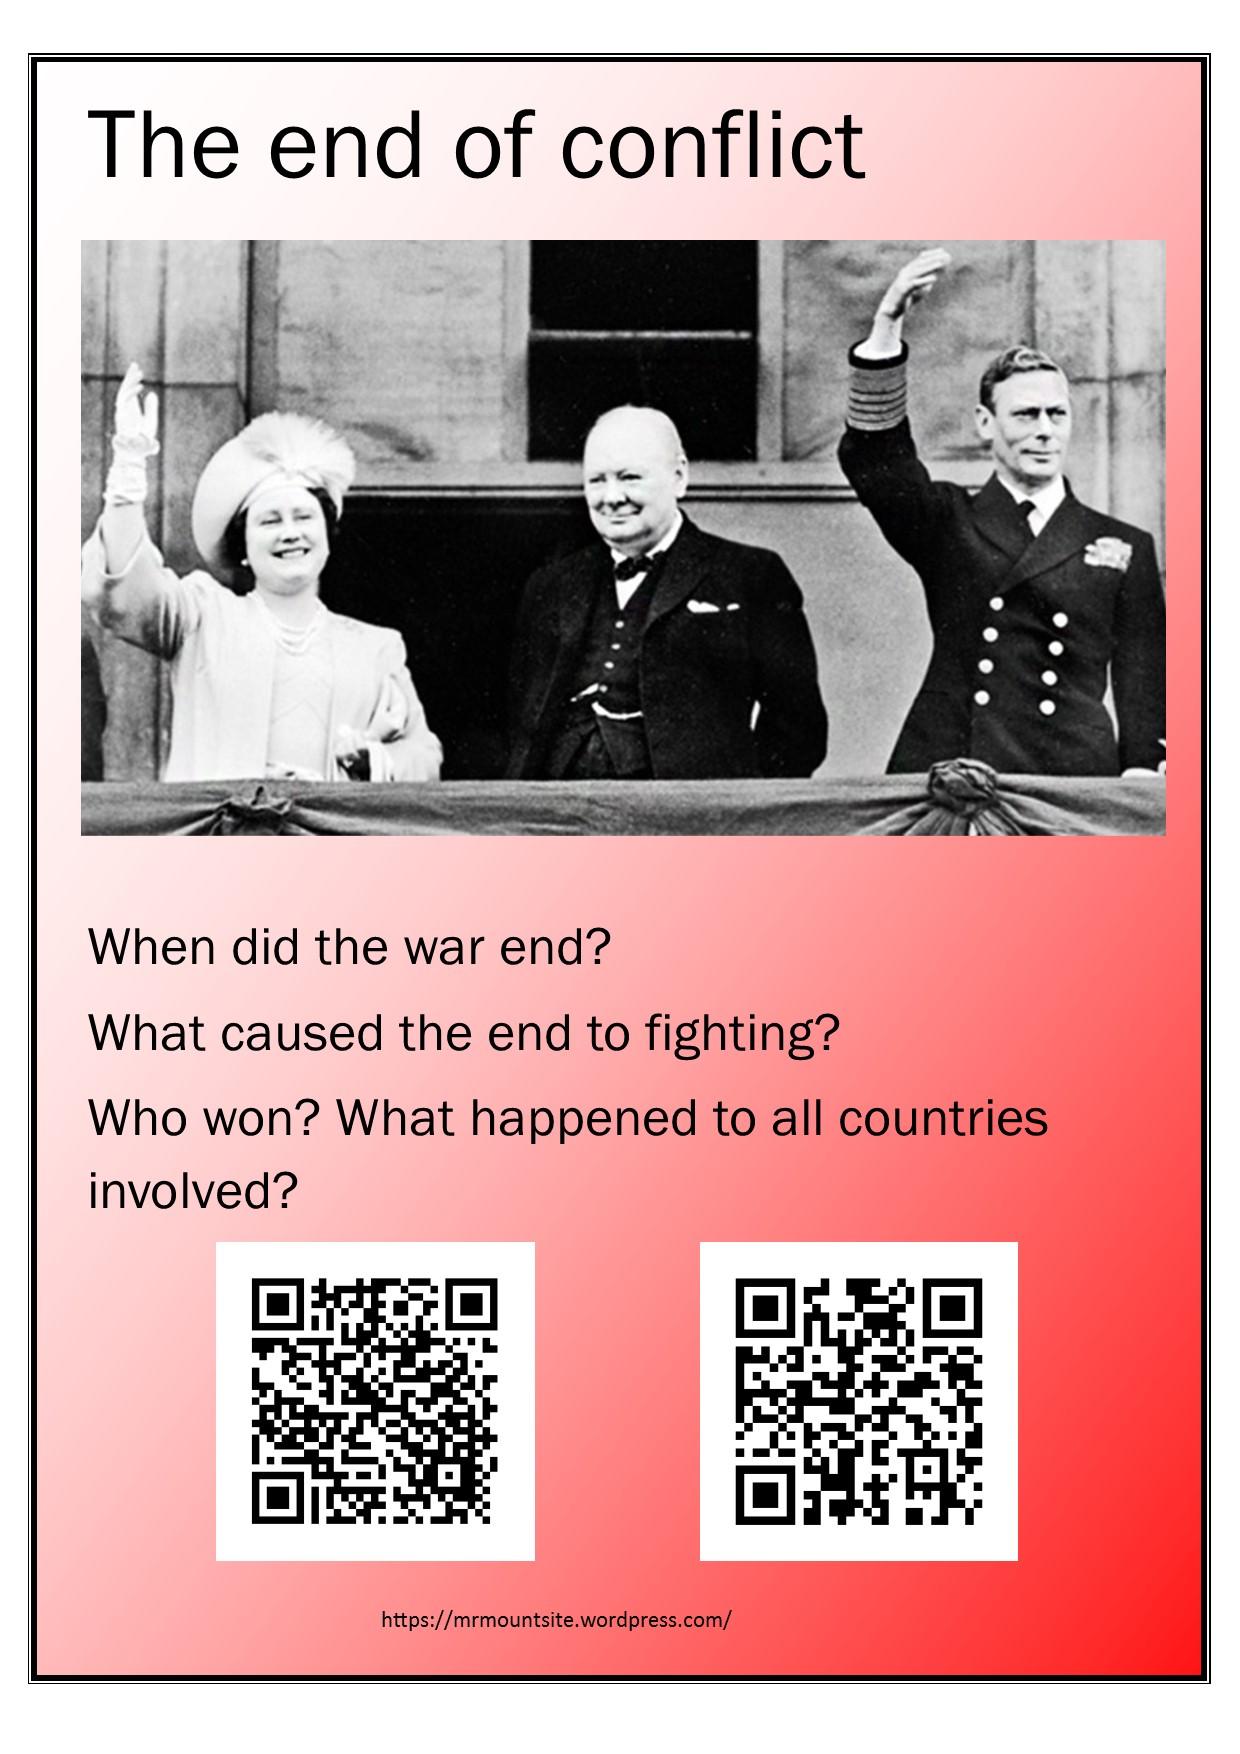 World War Ii Posters With Qr Codes Mrmountsite